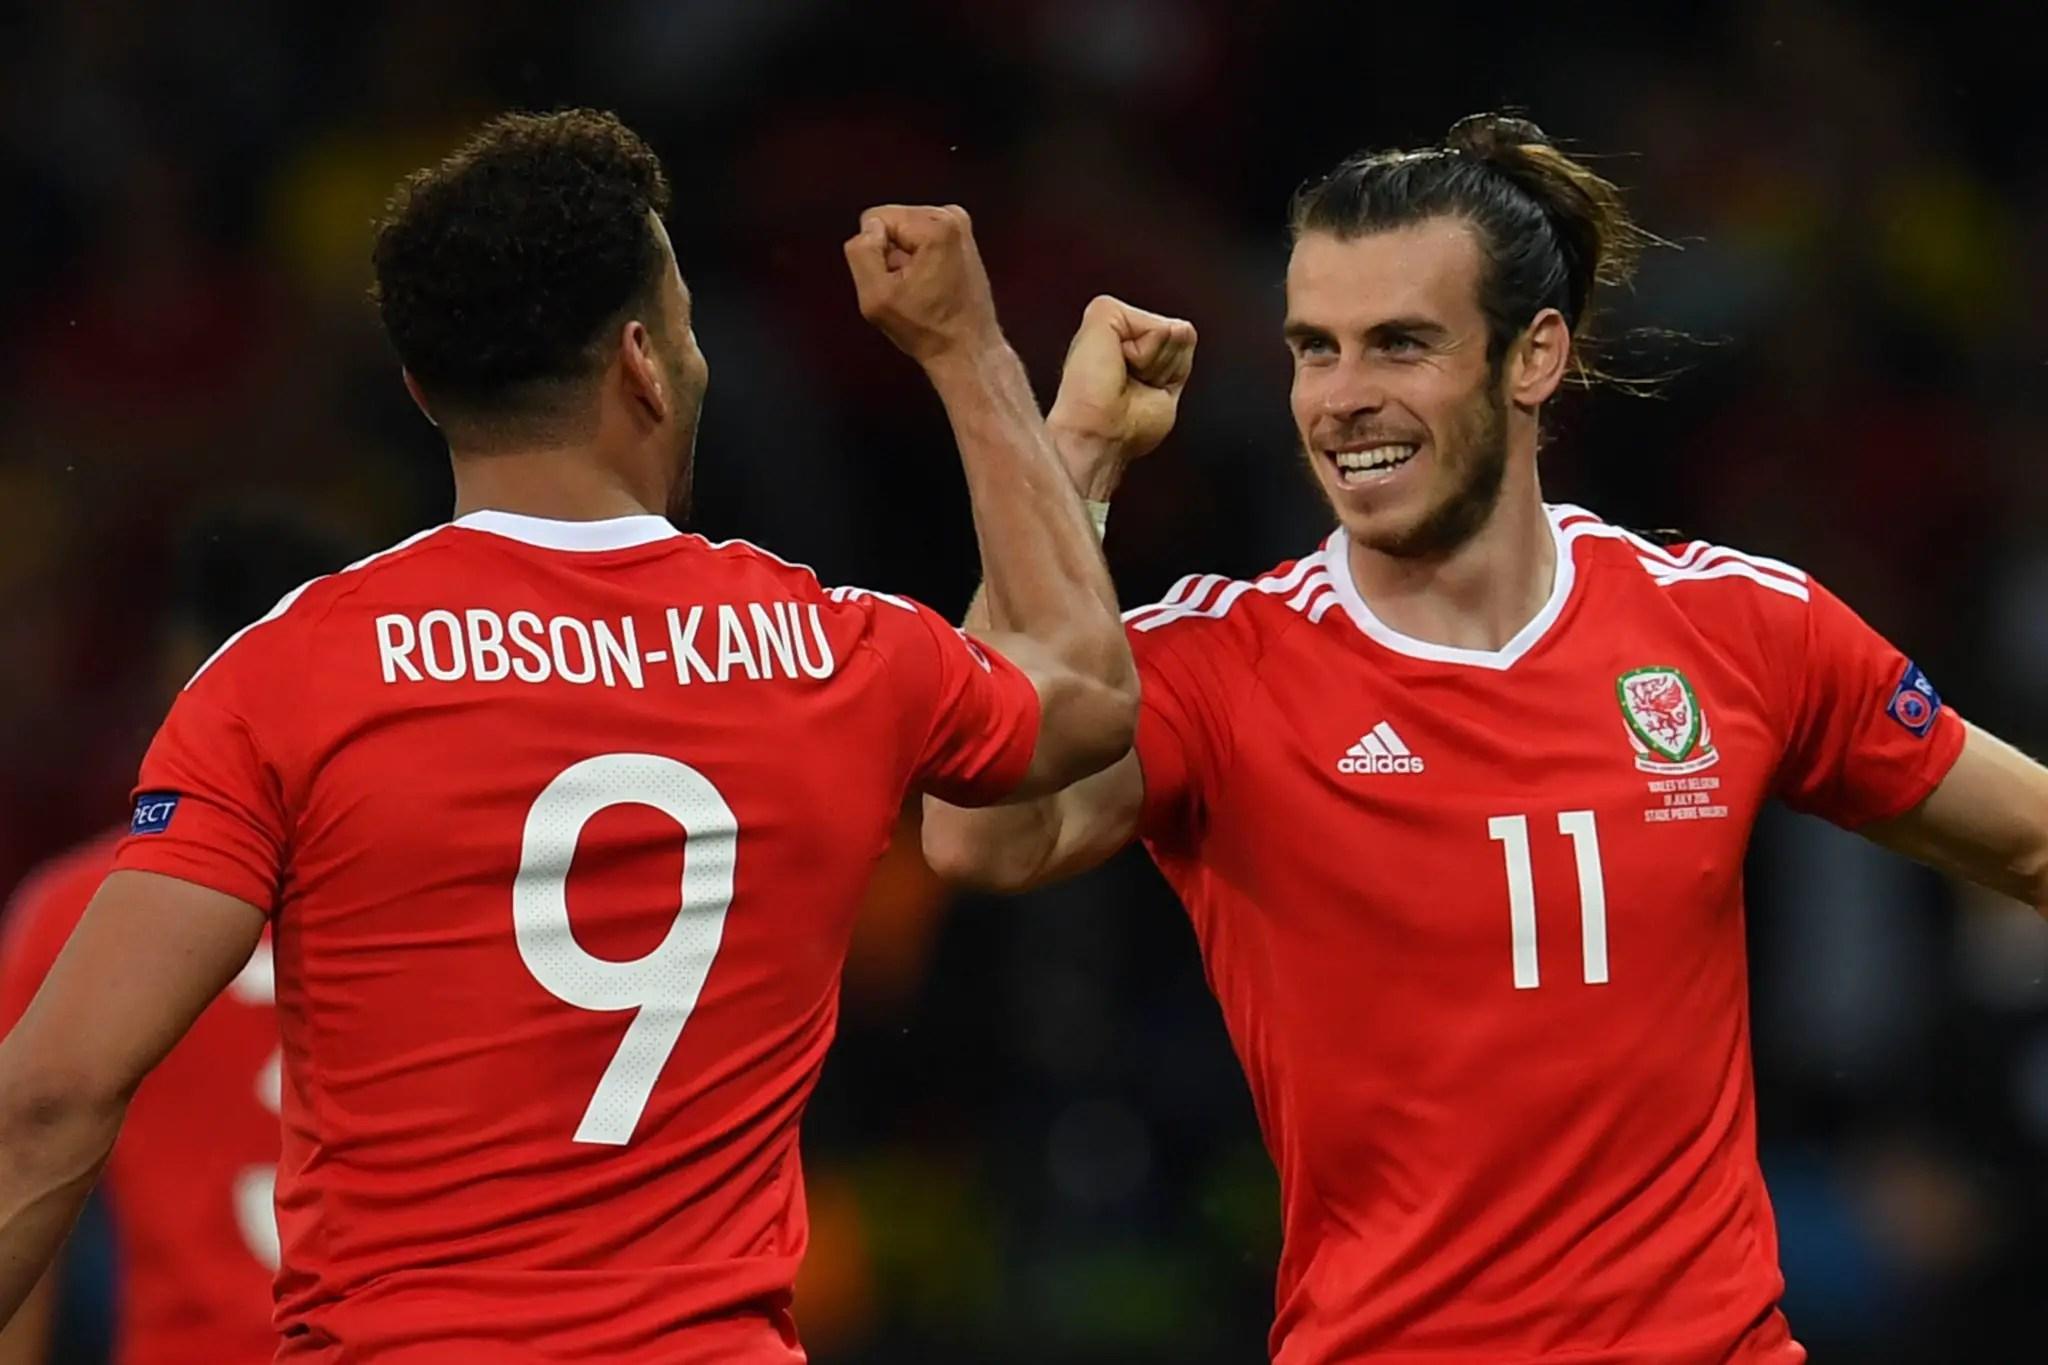 Robson-Kanu Scores Stunner As Wales Dump Belgium